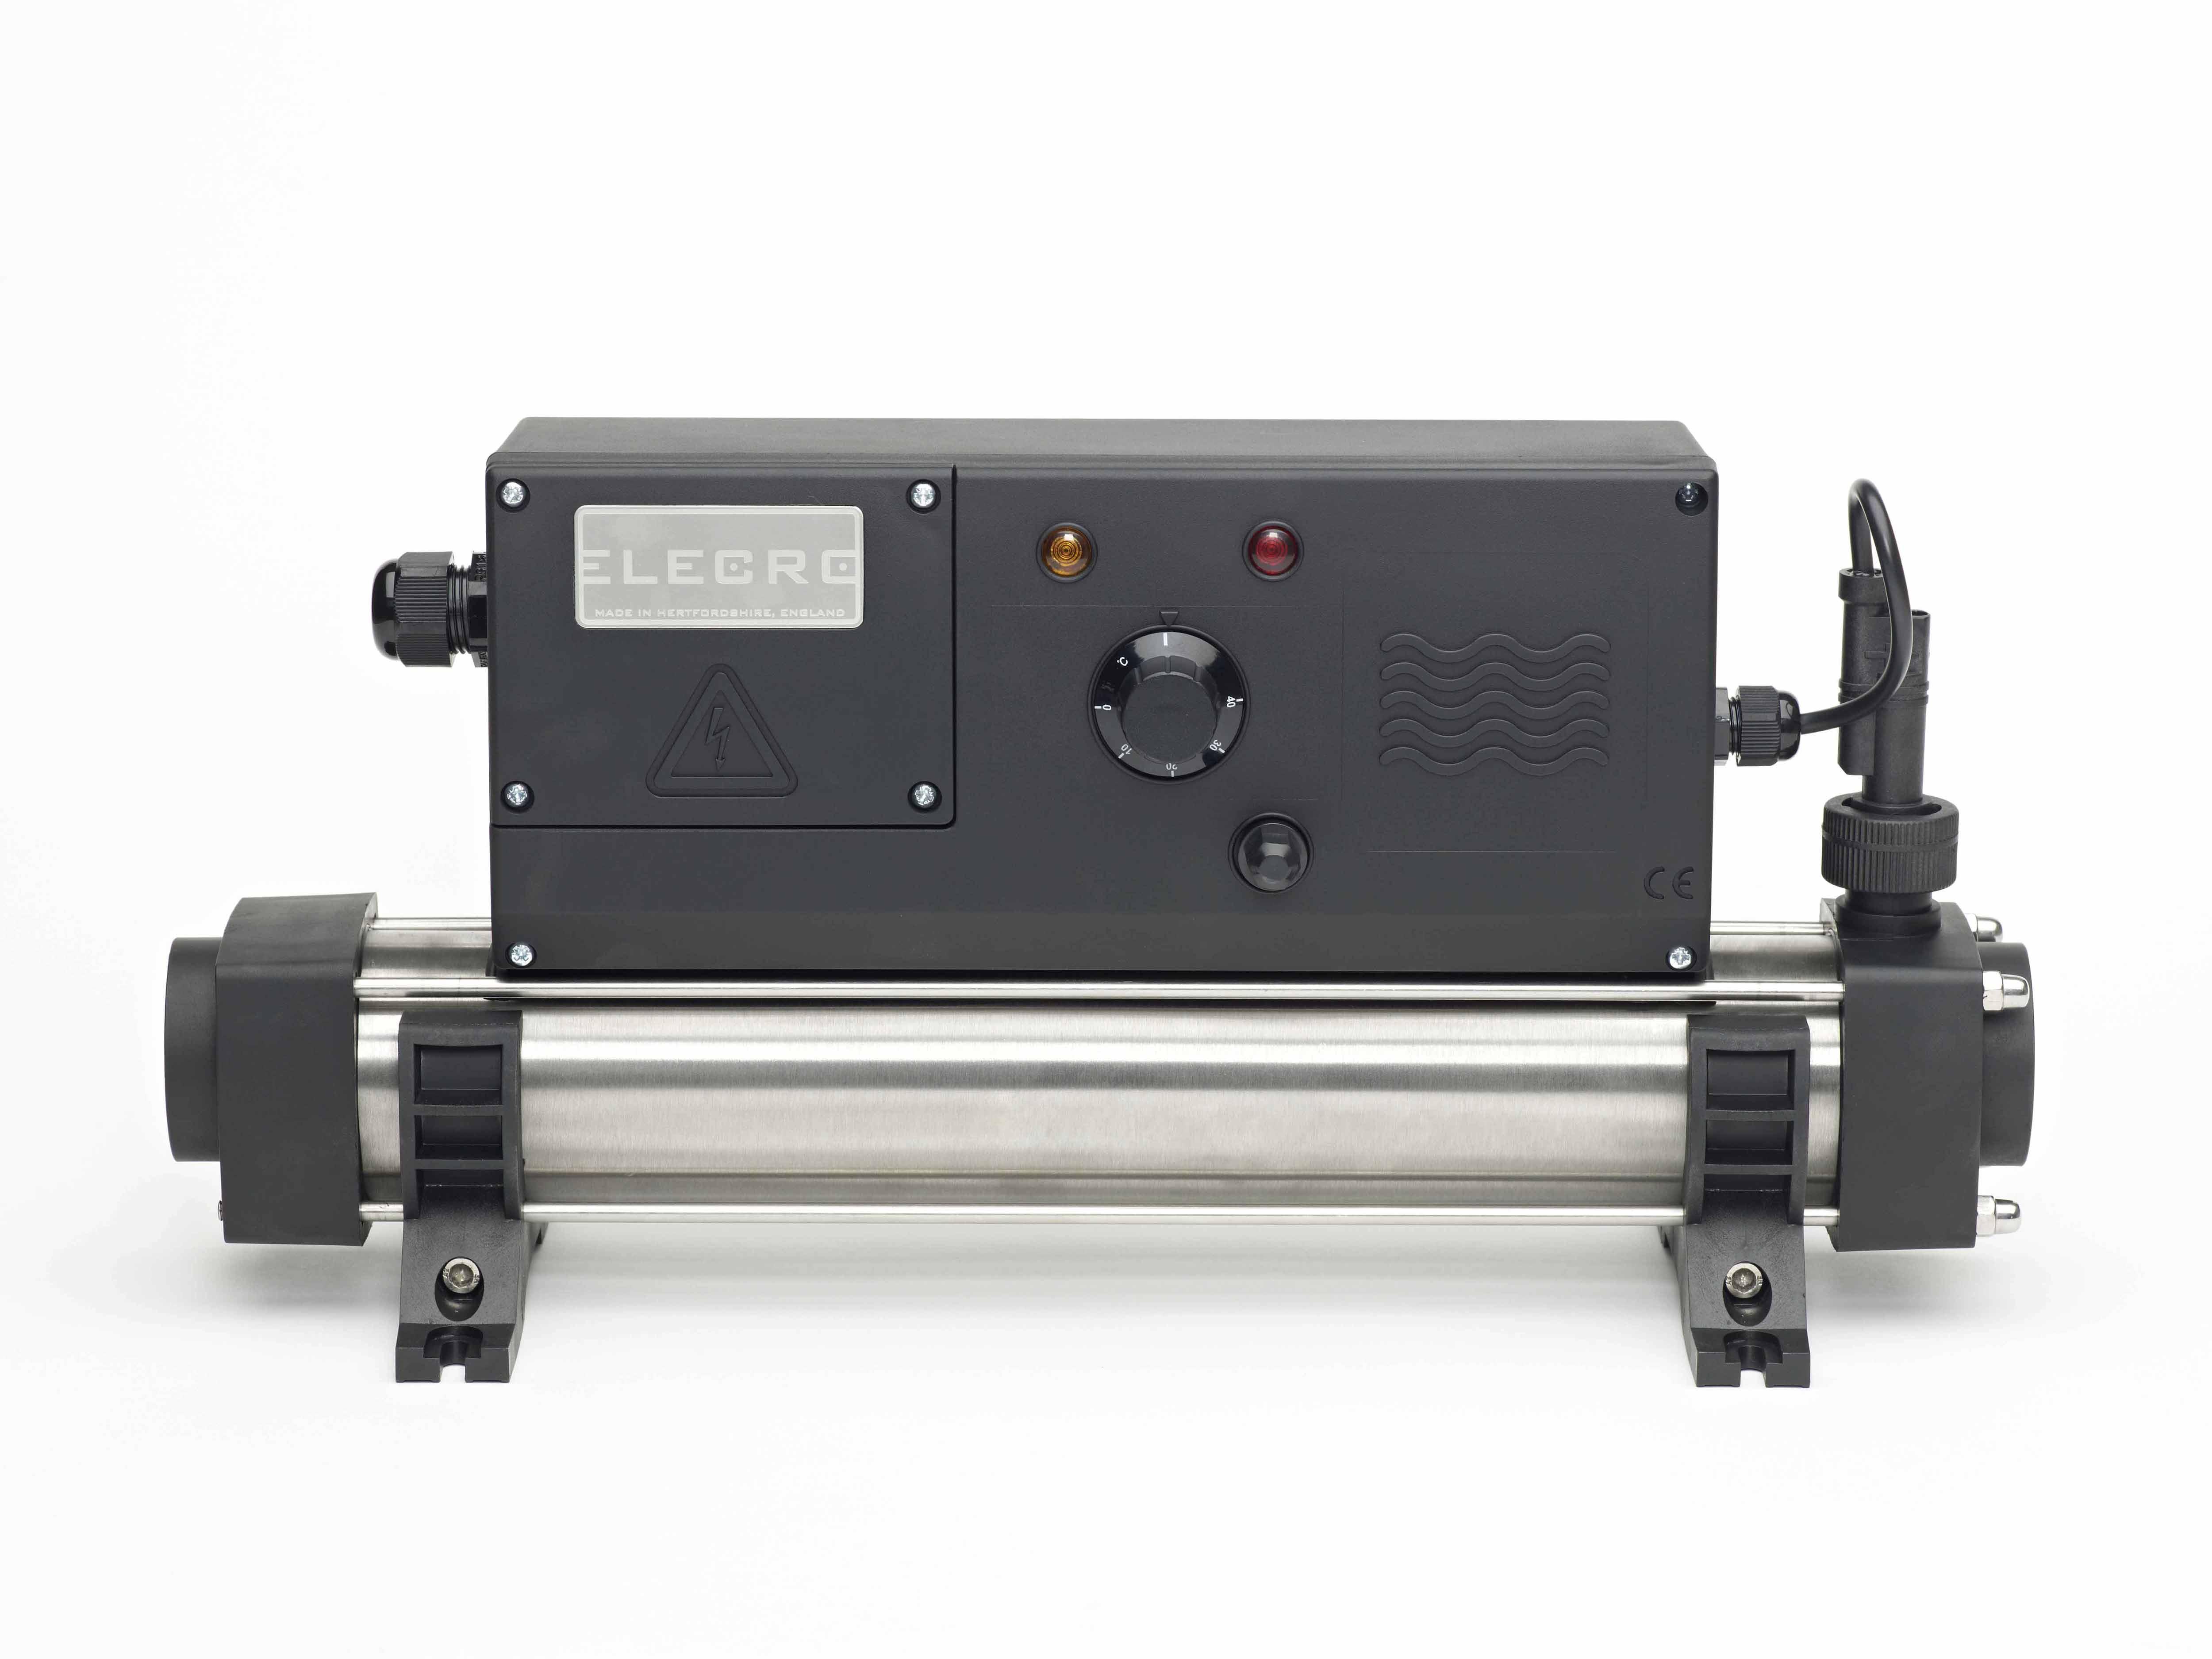 Elecro Evolution 9kw Heater